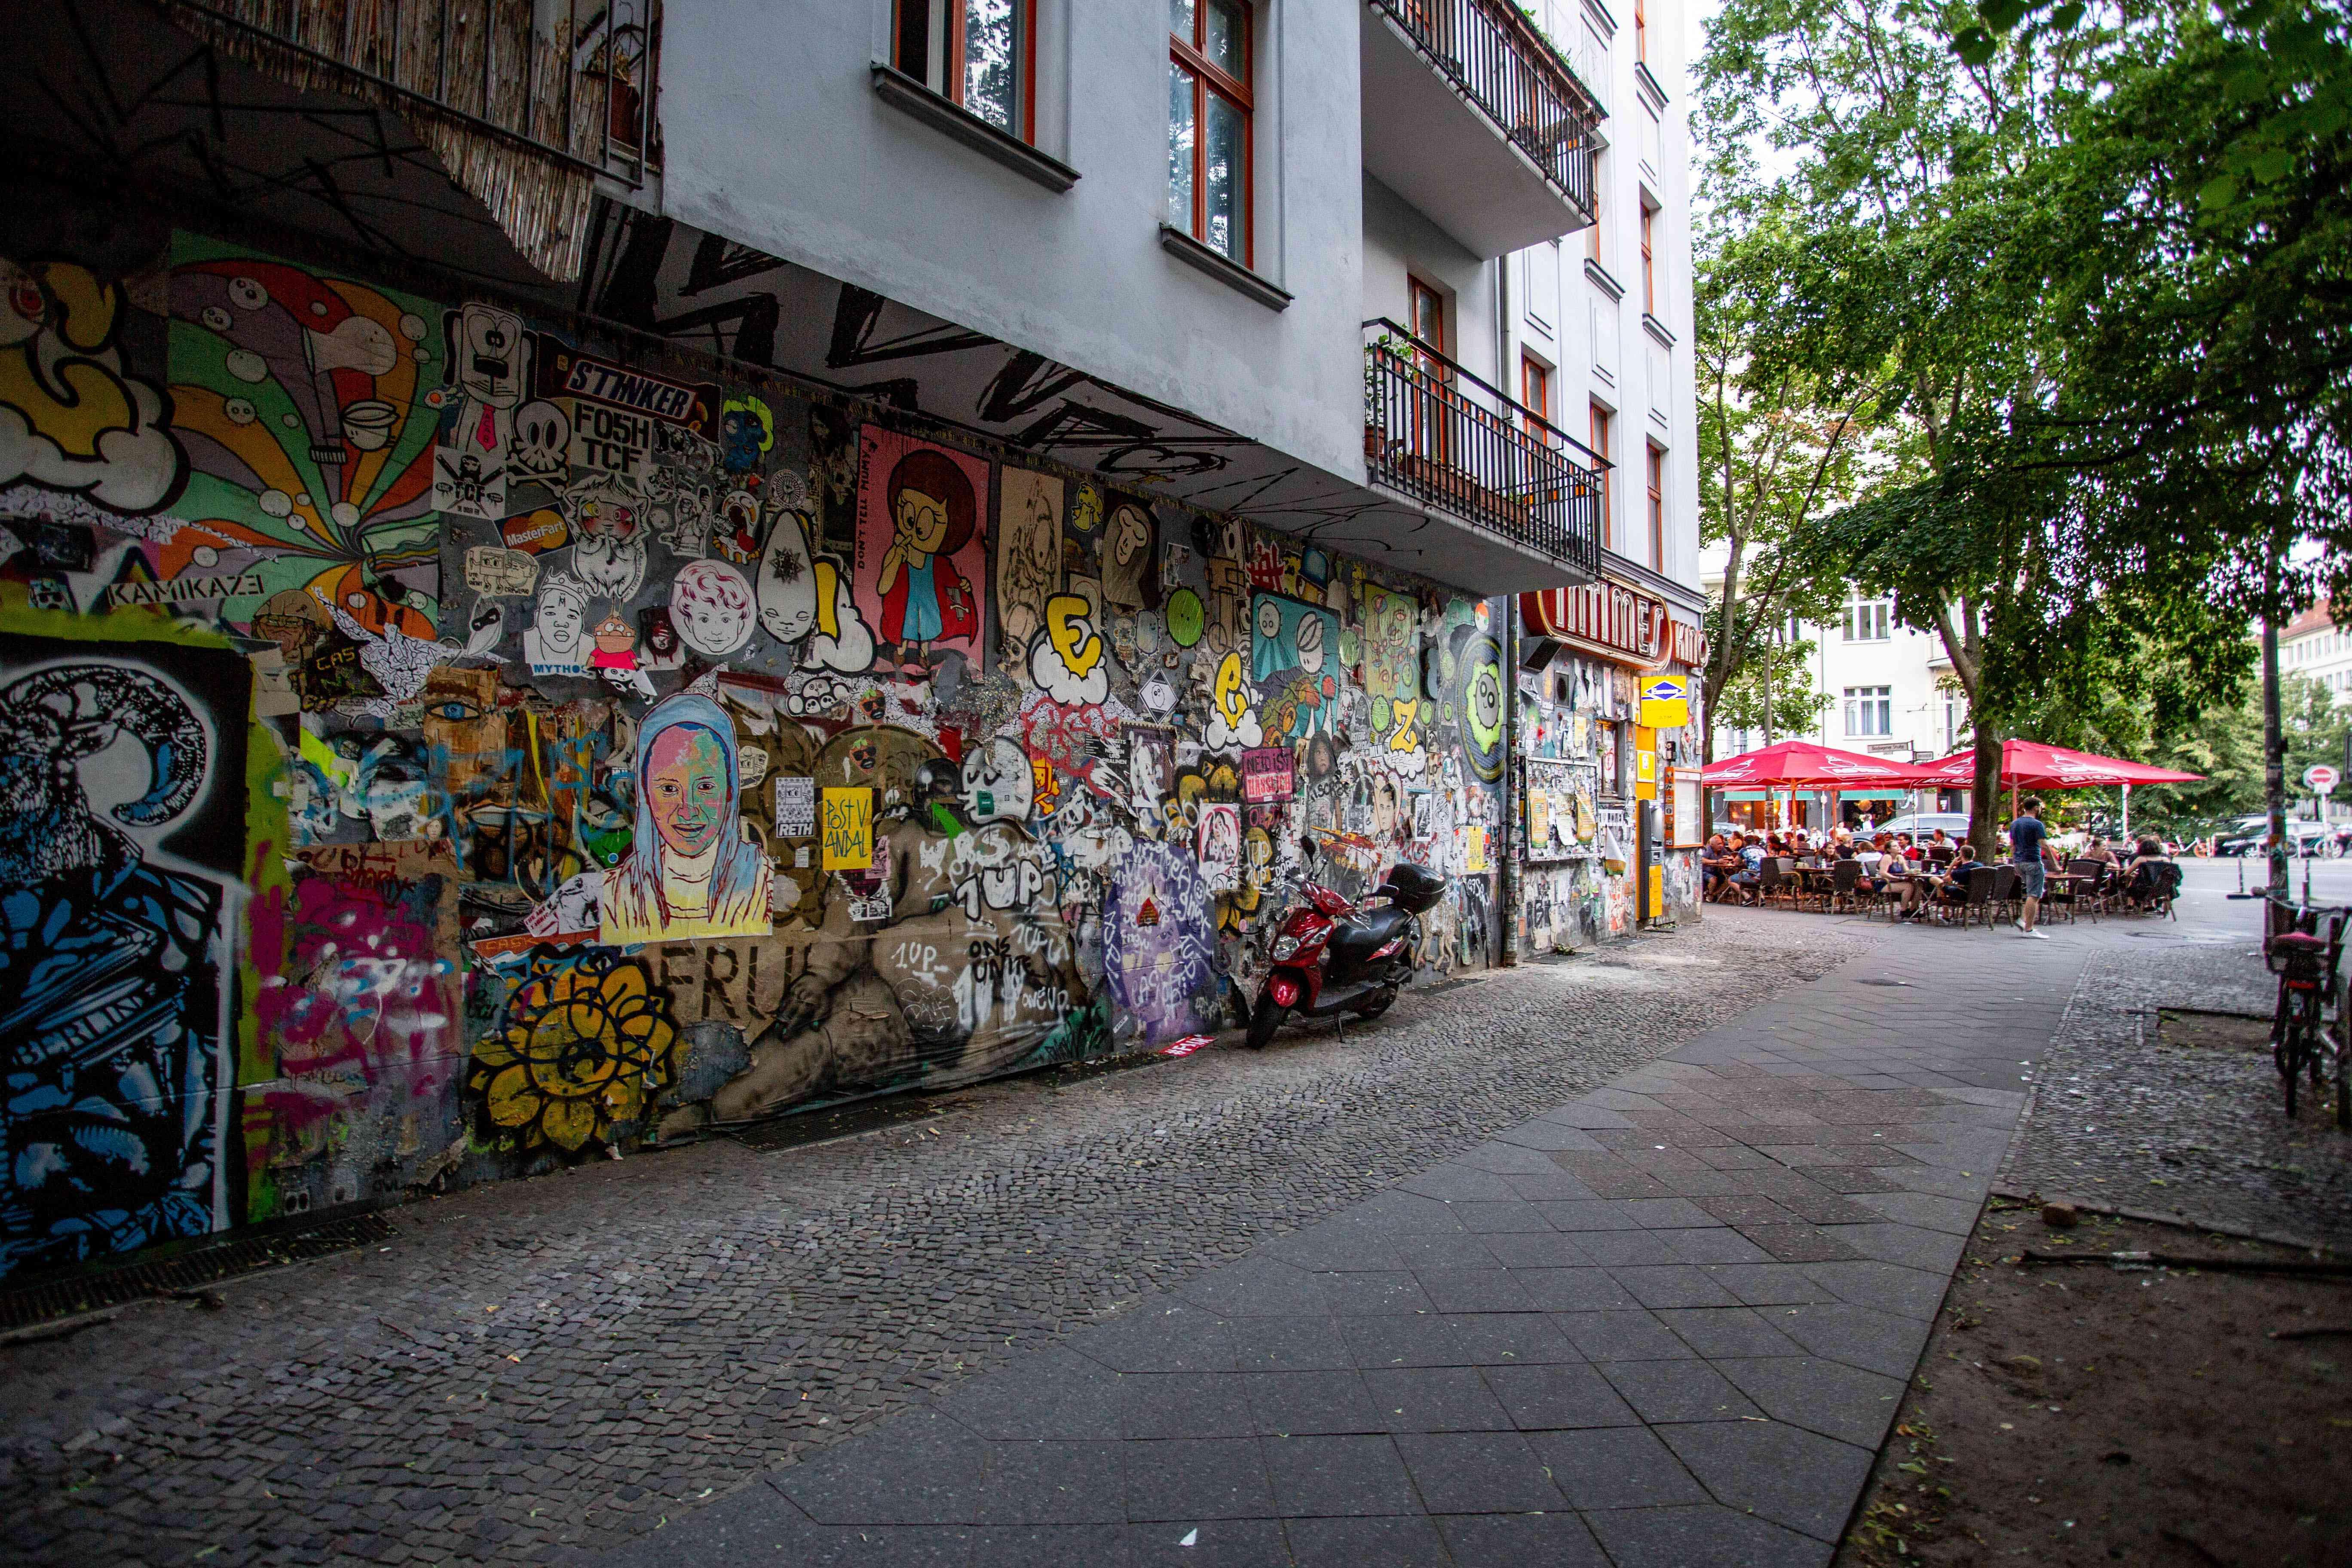 Graffitti of Kino intimes